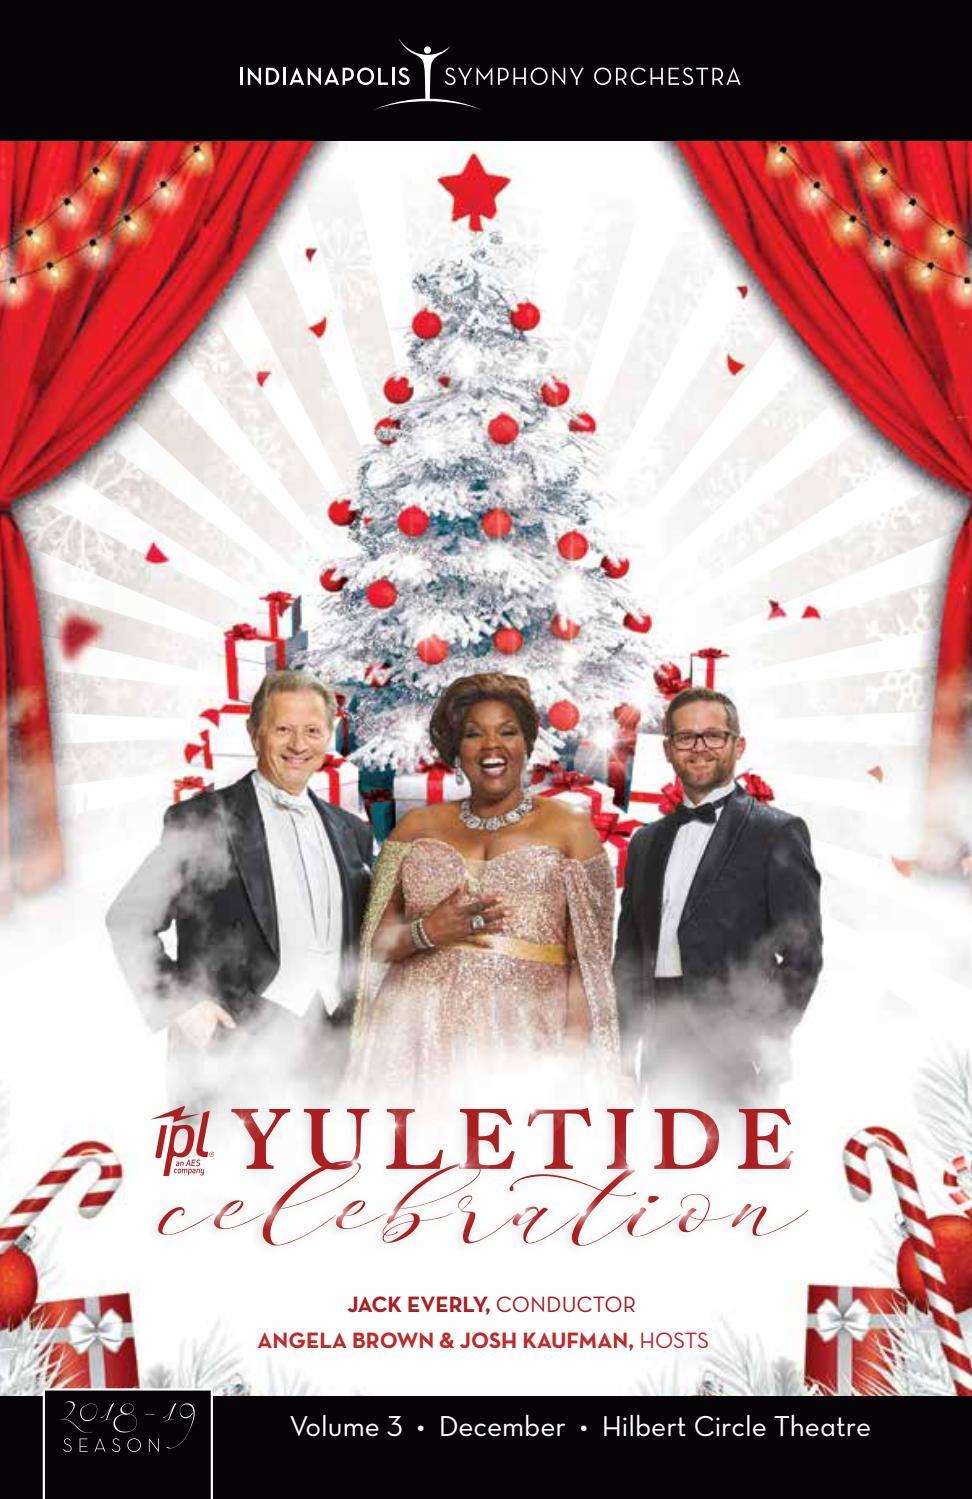 Indianapolis Symphony Orchestra Yuletide Program Book 2018